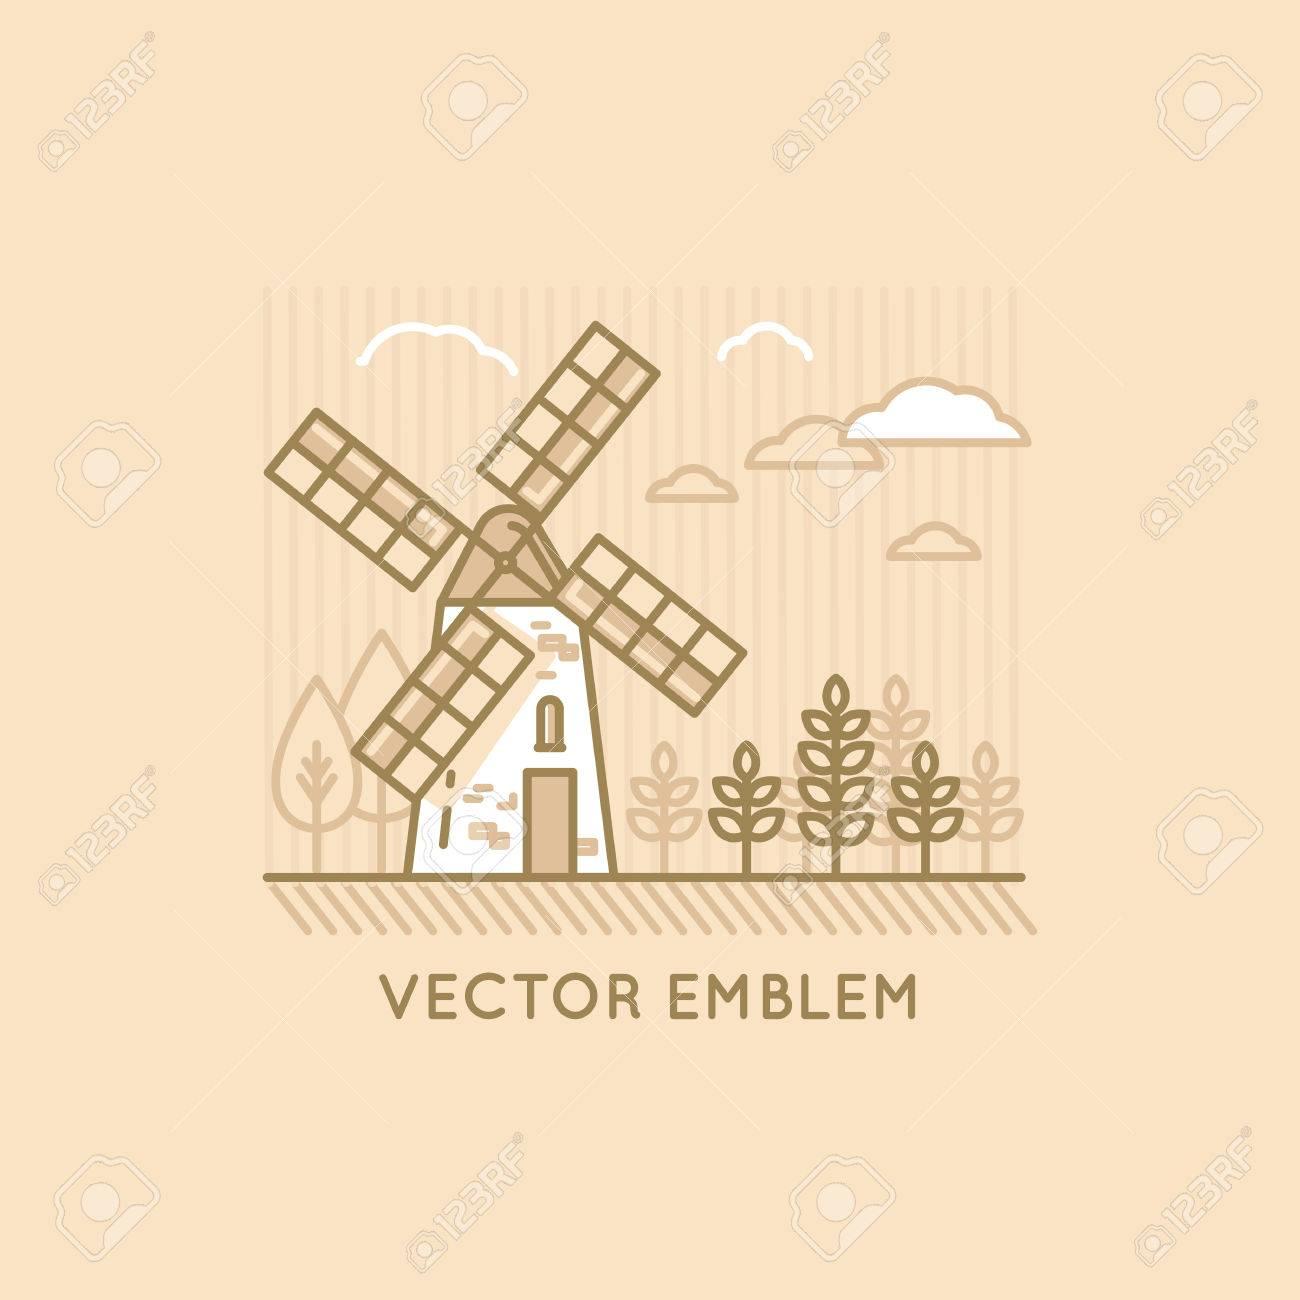 Ilustración De Vector Y Plantilla De Diseño En Moderno Estilo Plano ...